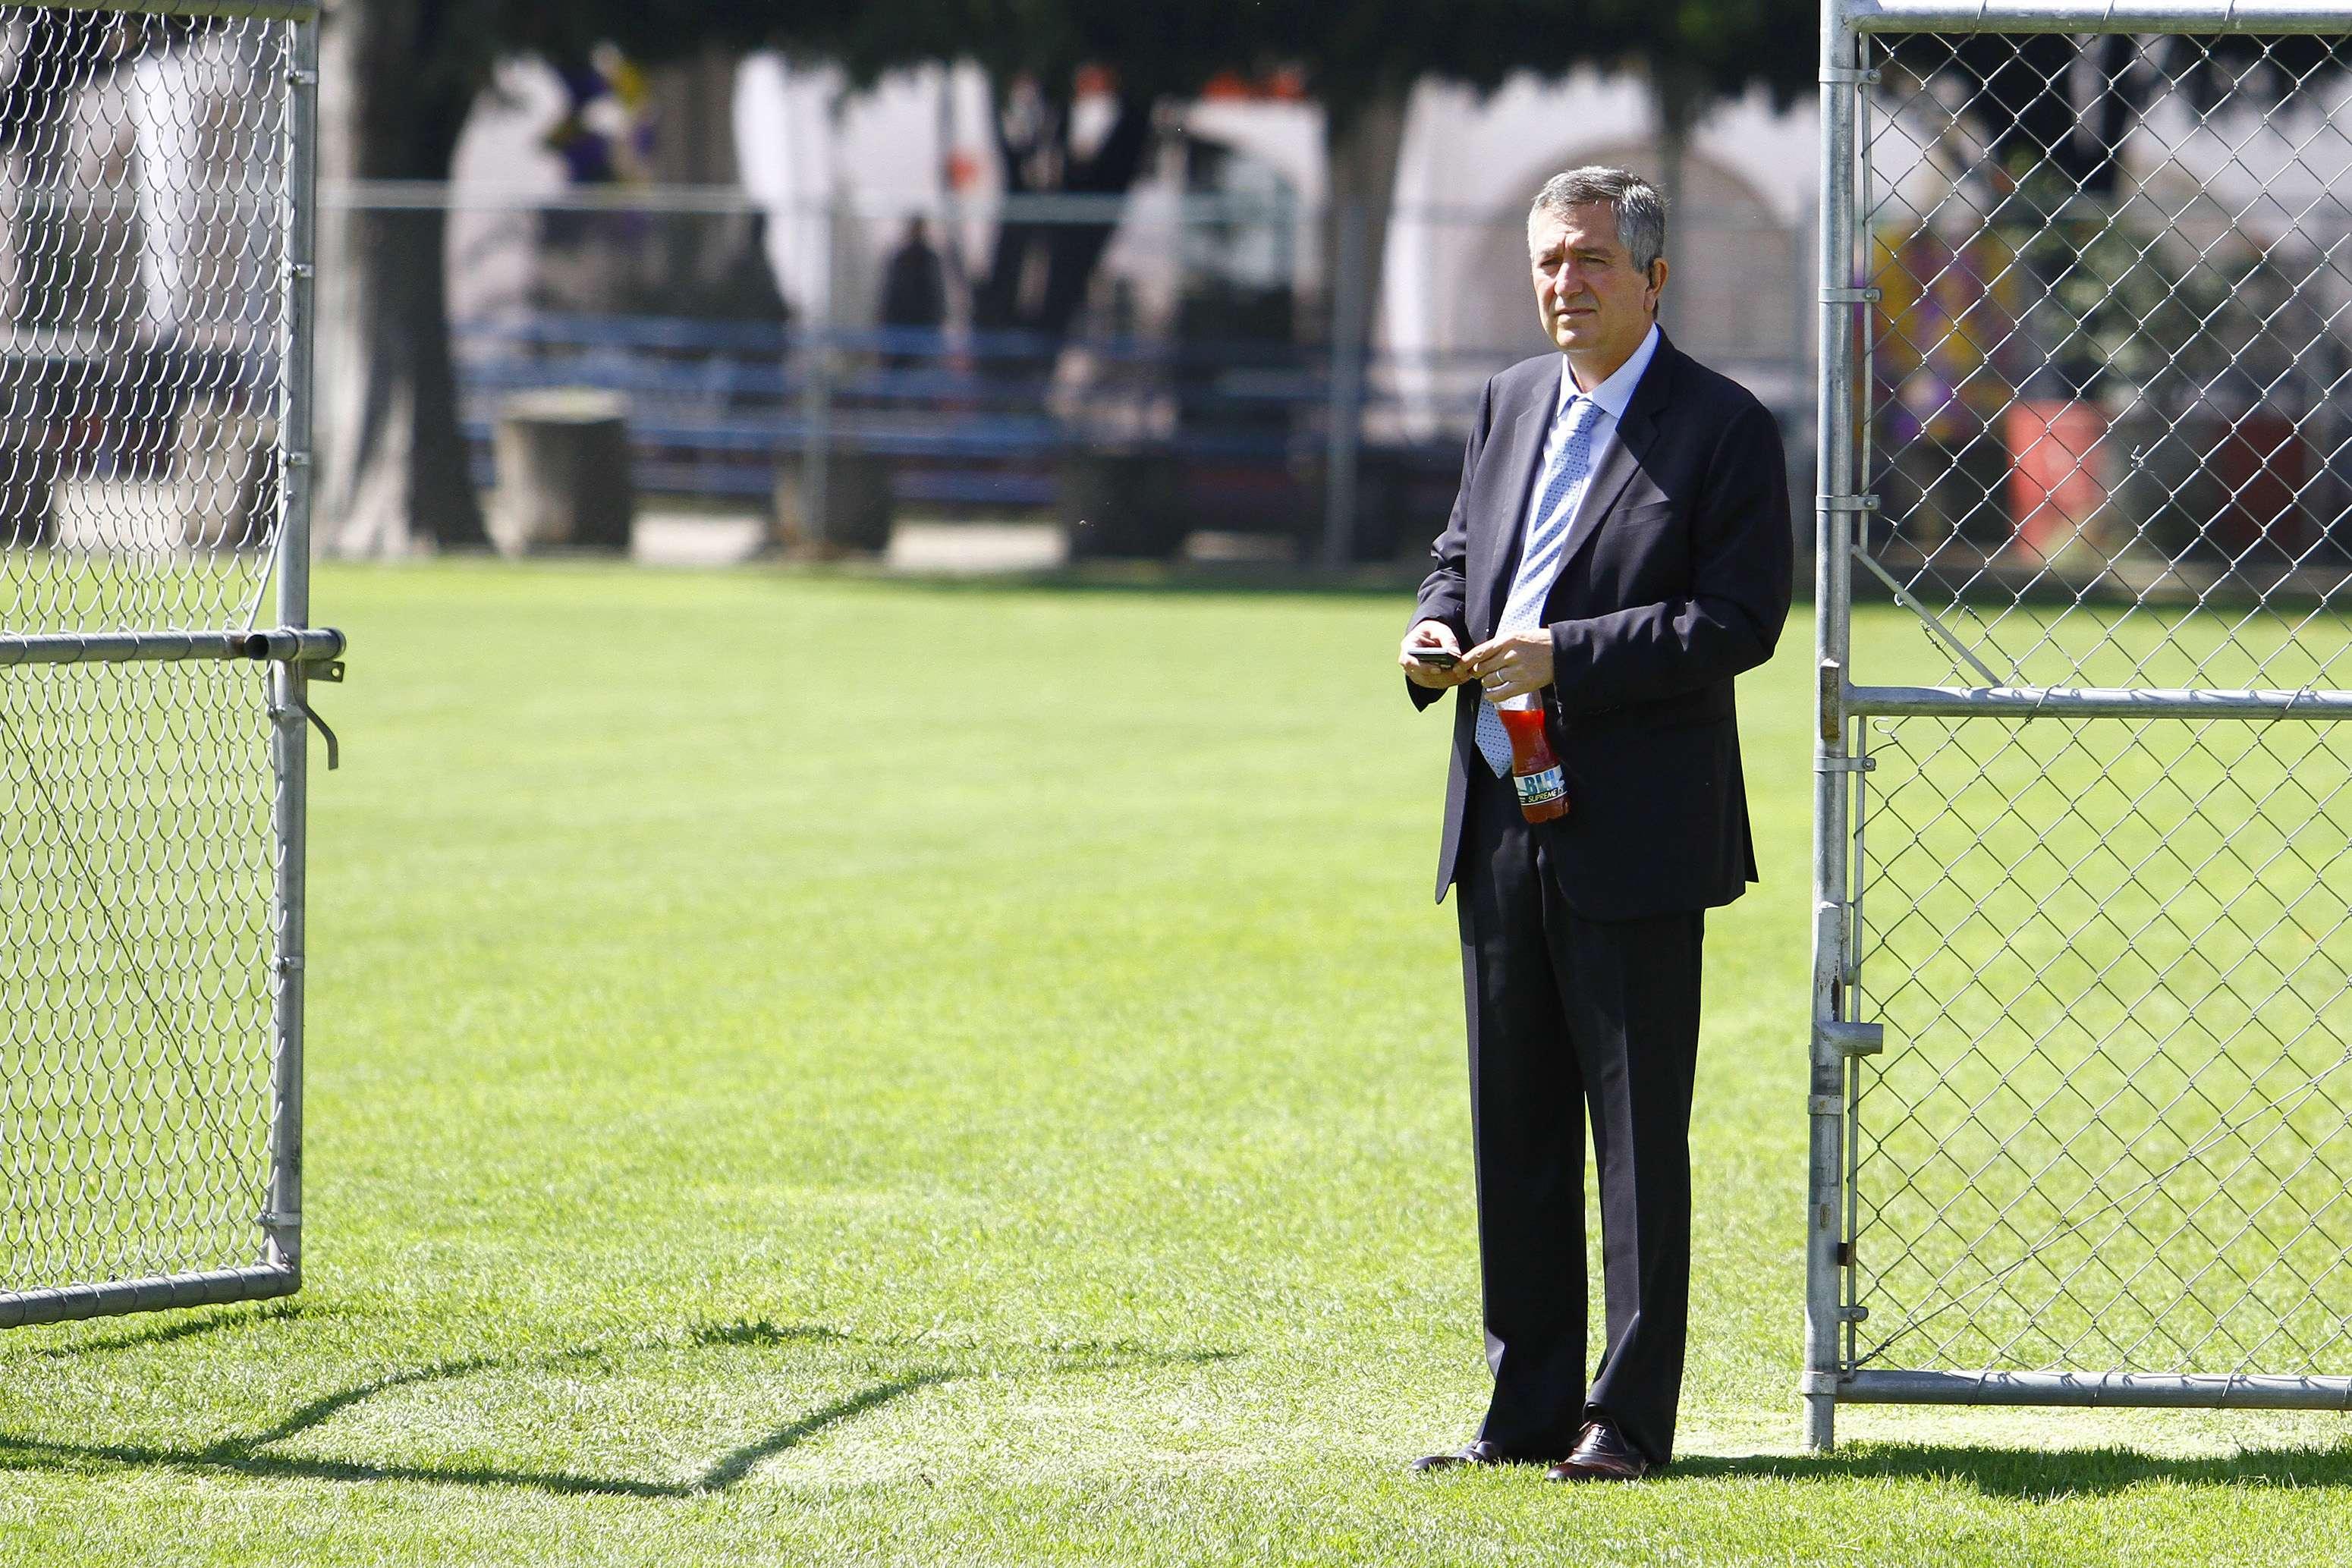 Jorge Vergara ha estado muy de cerca siguiendo a Chivas en el Apertura 2014. Foto: Imago7